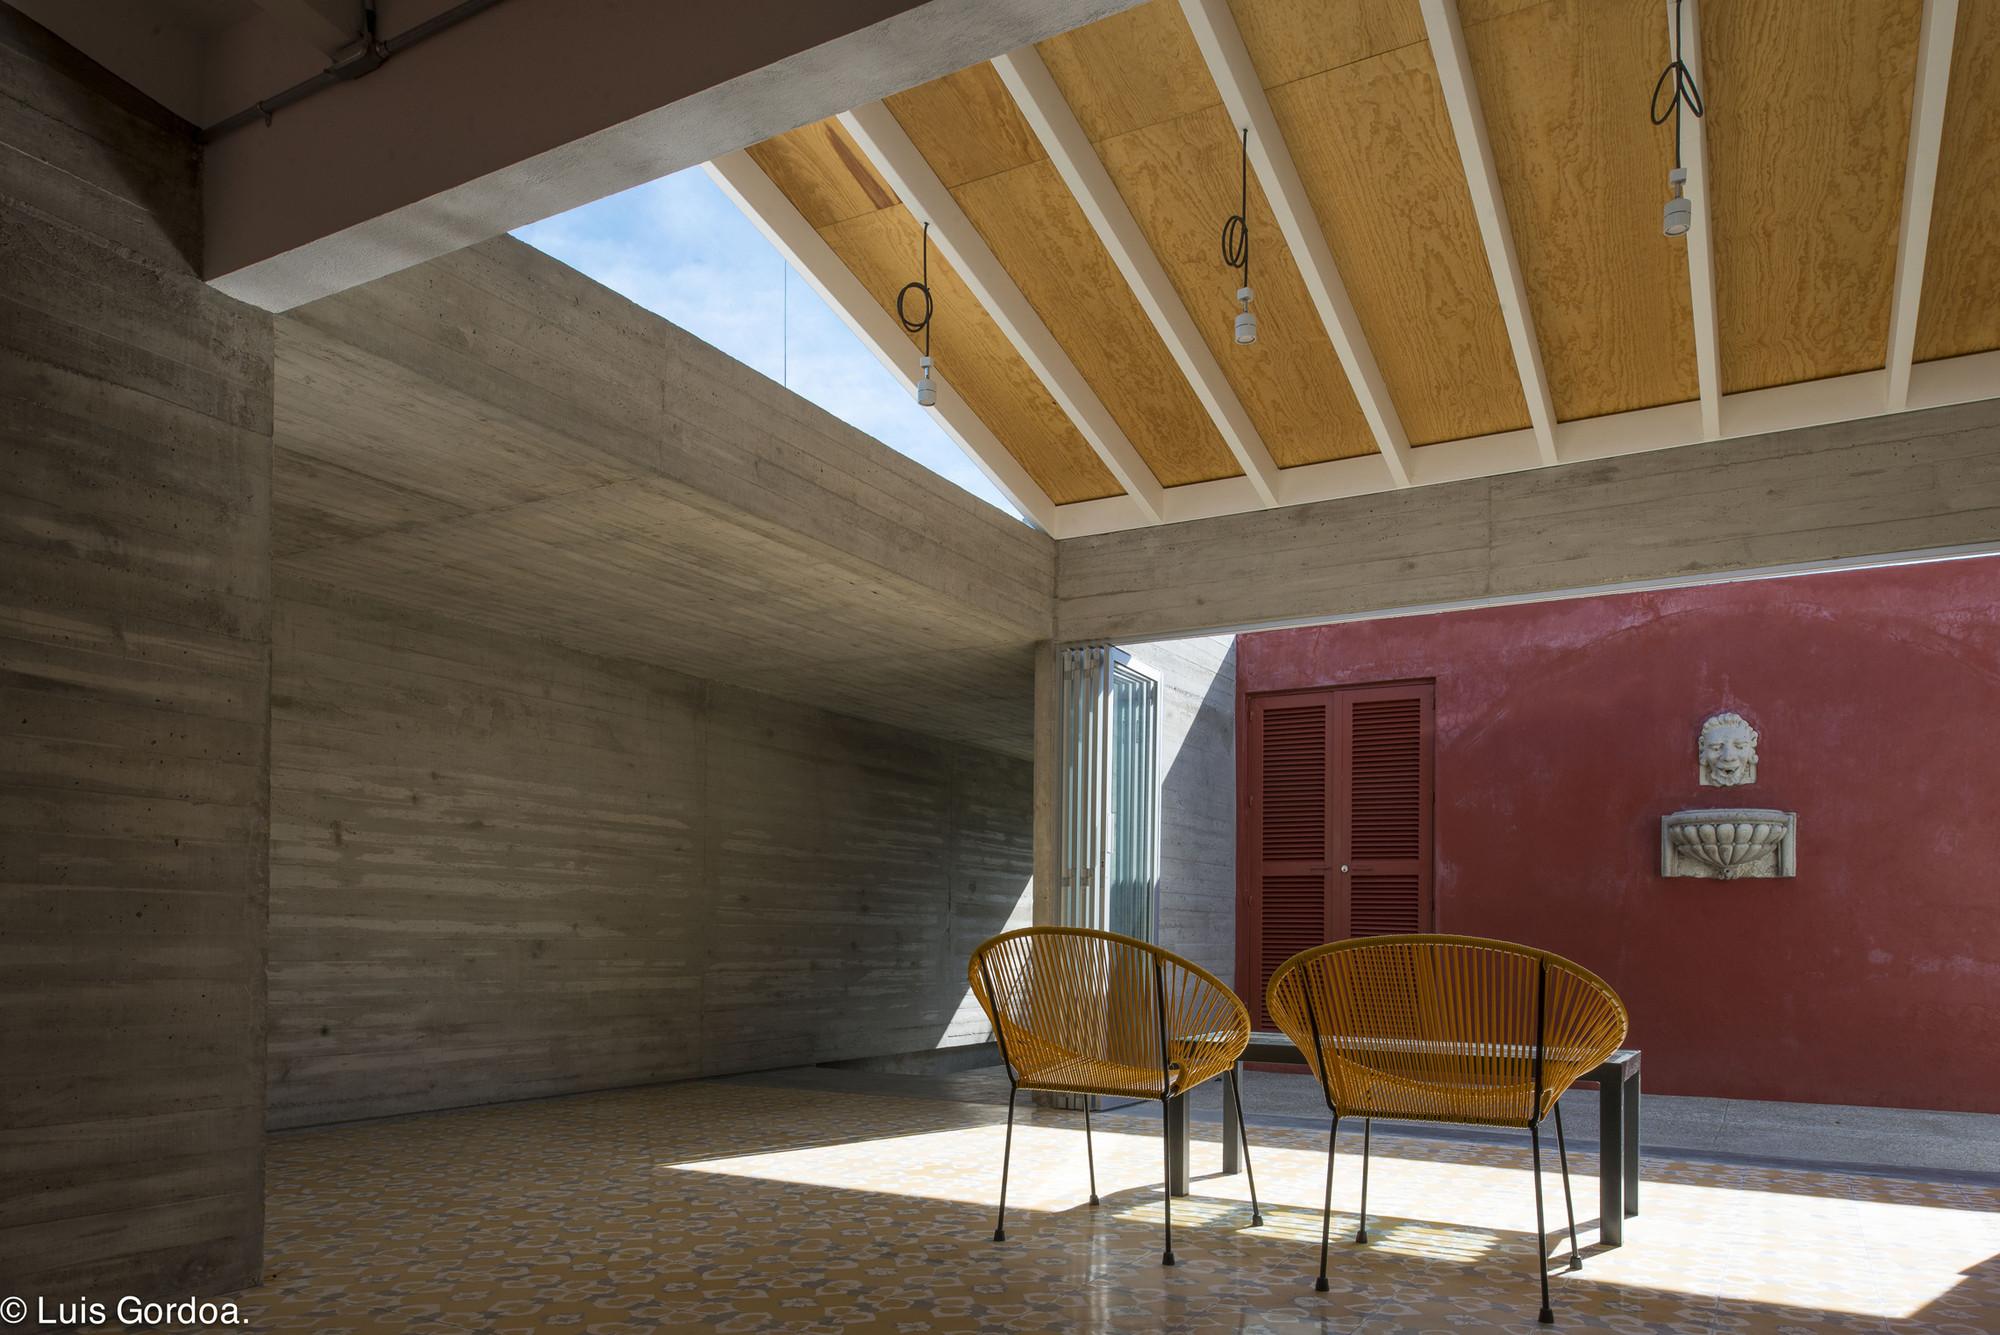 Leyva 506 / APT arquitectura para todos, © Luis Gordoa